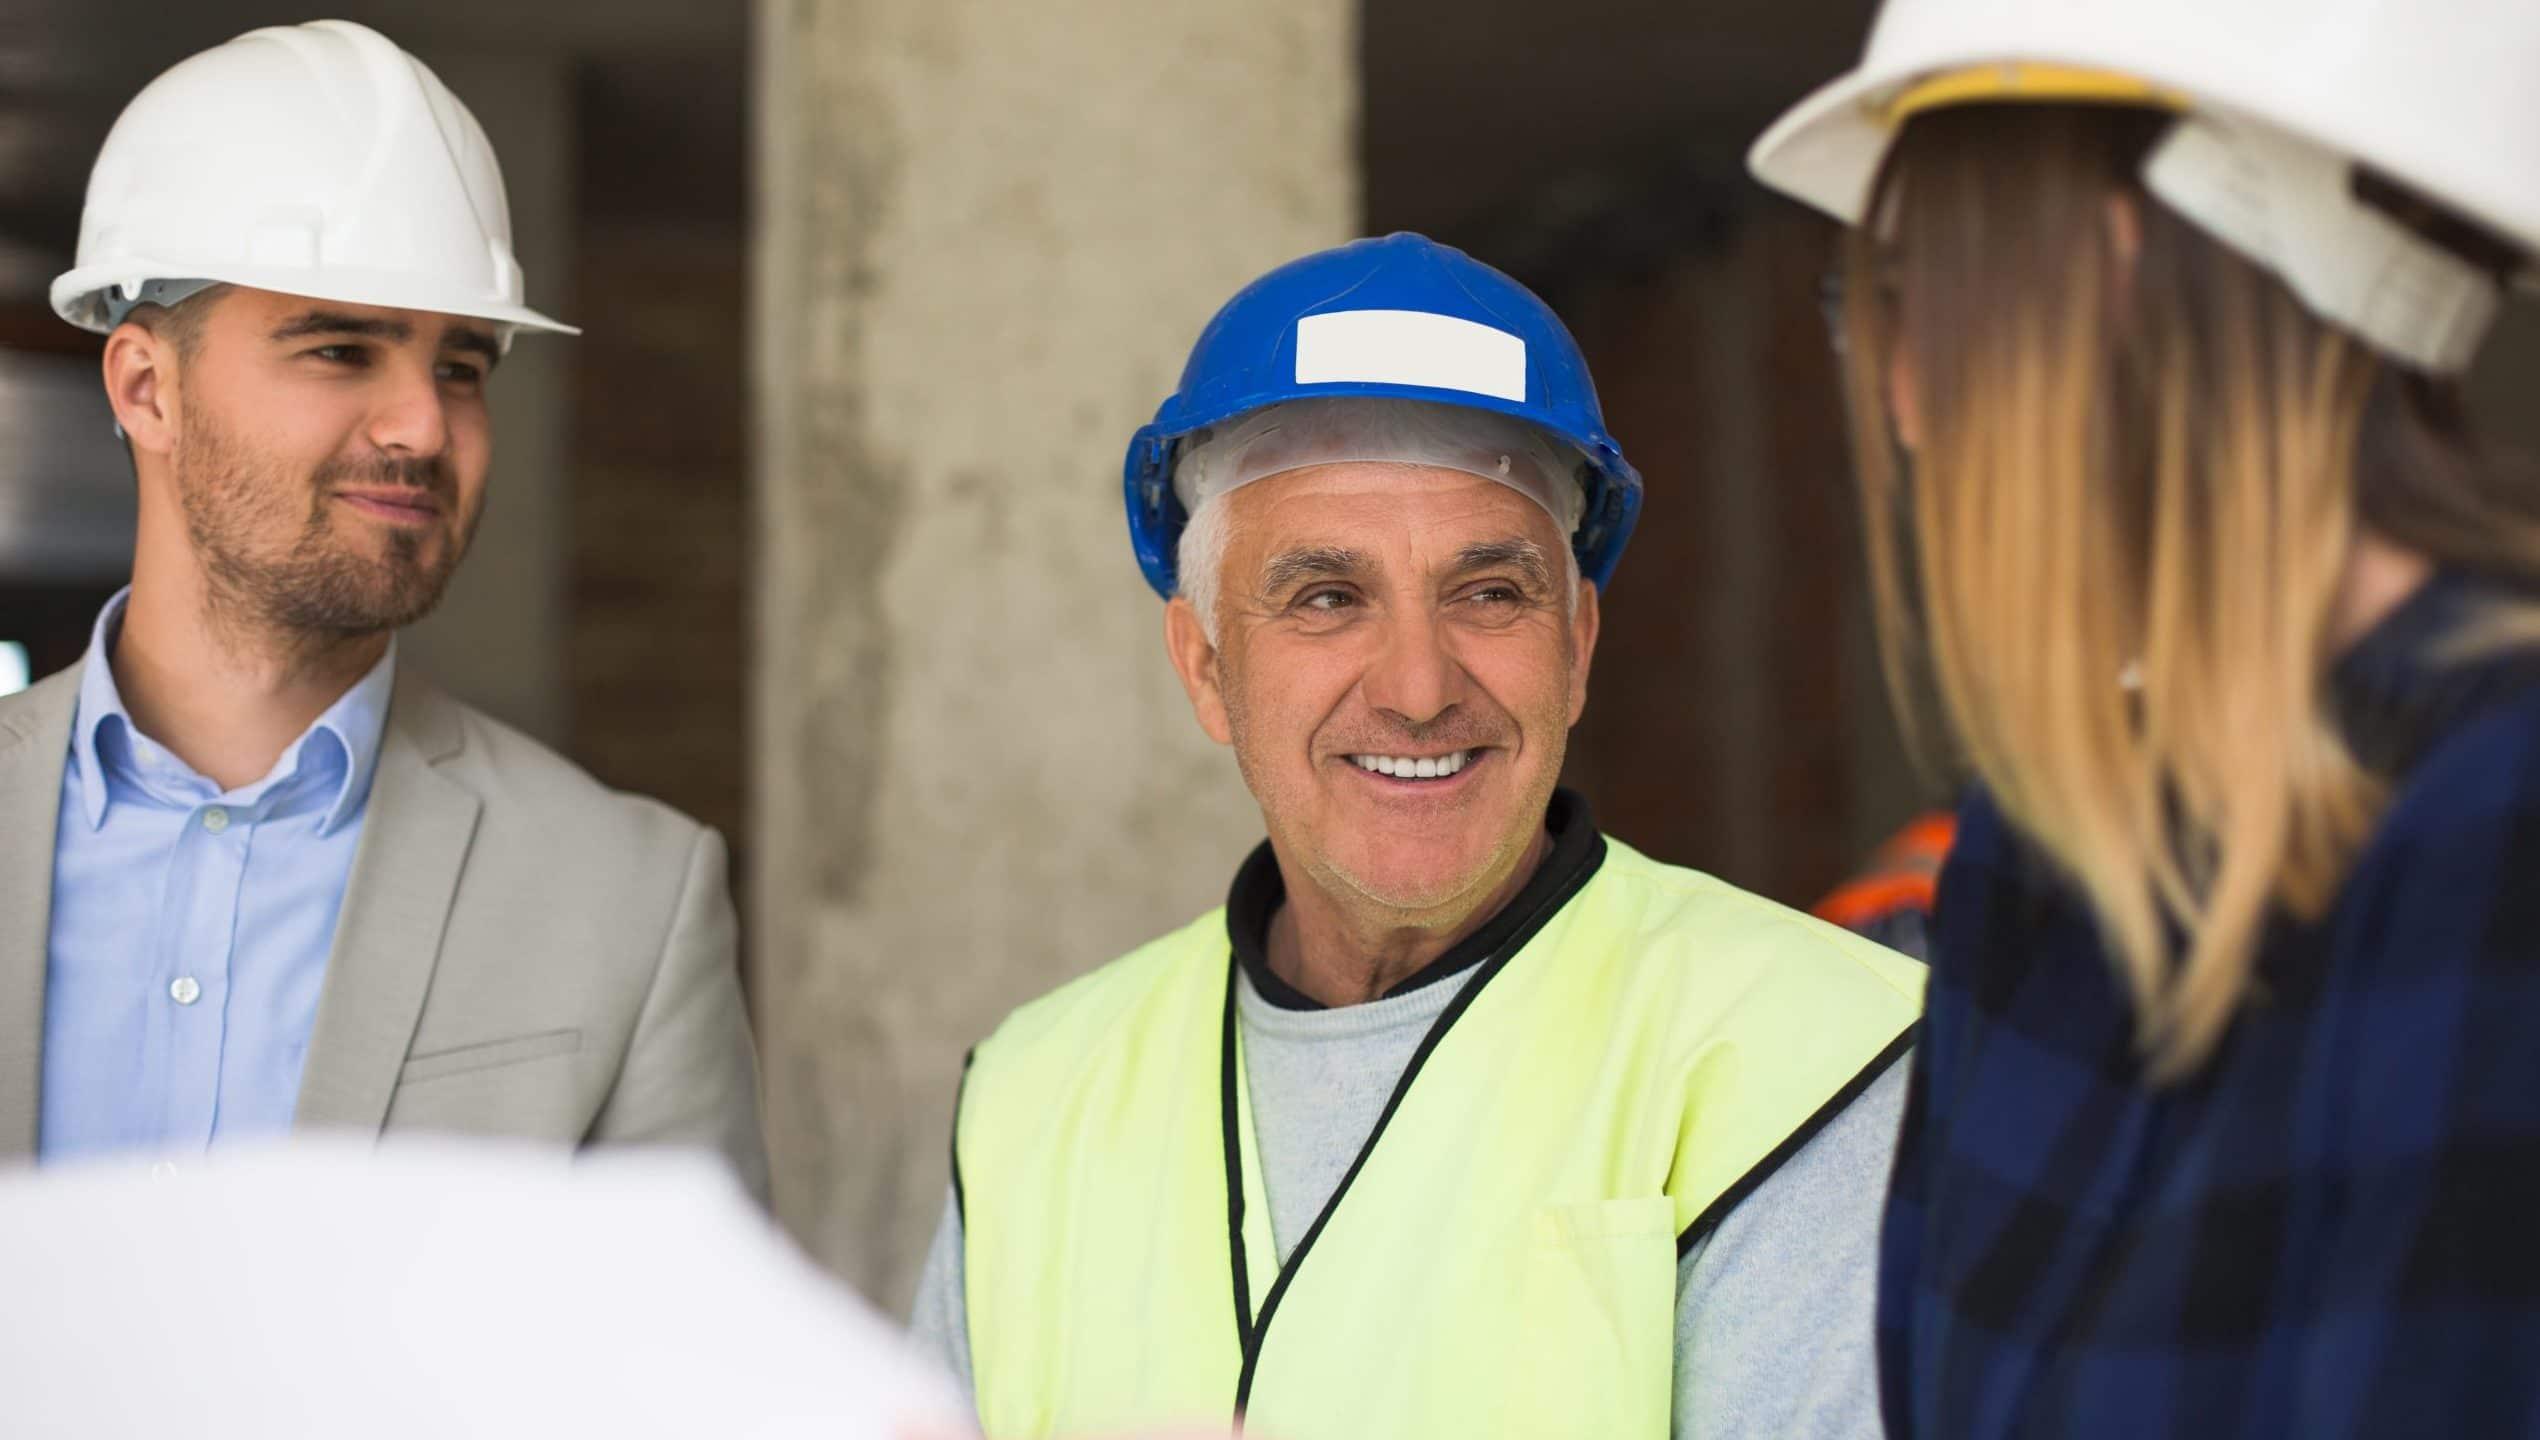 Deux hommes et une femme avec un casque de chantier échangent